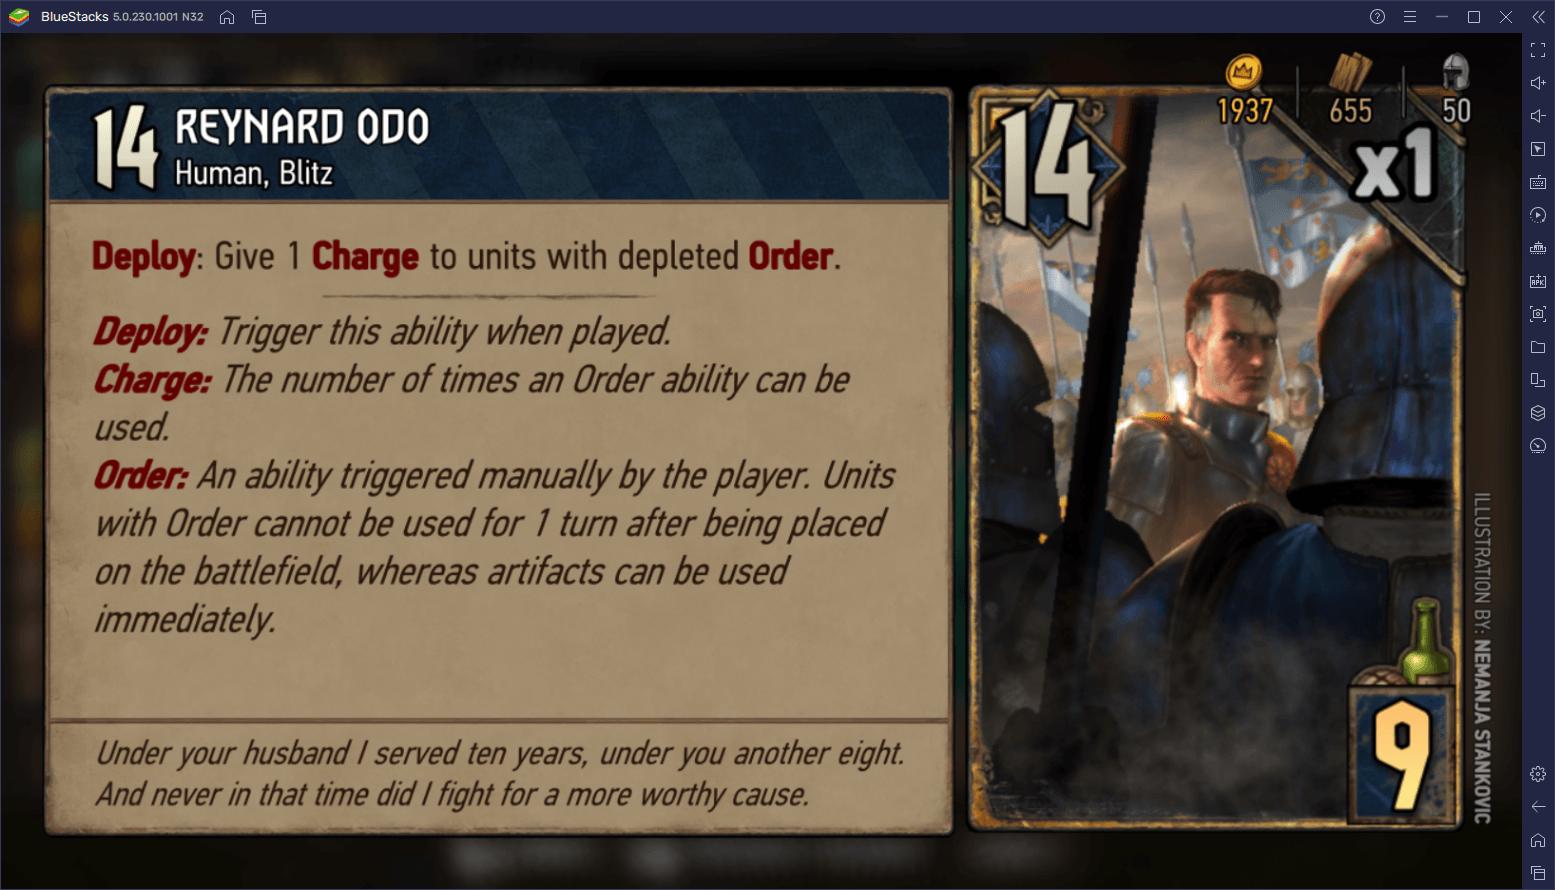 لعبة The Witcher Tales: Thronebreaker – كيفية بناء المجموعات والفوز بالمعارك